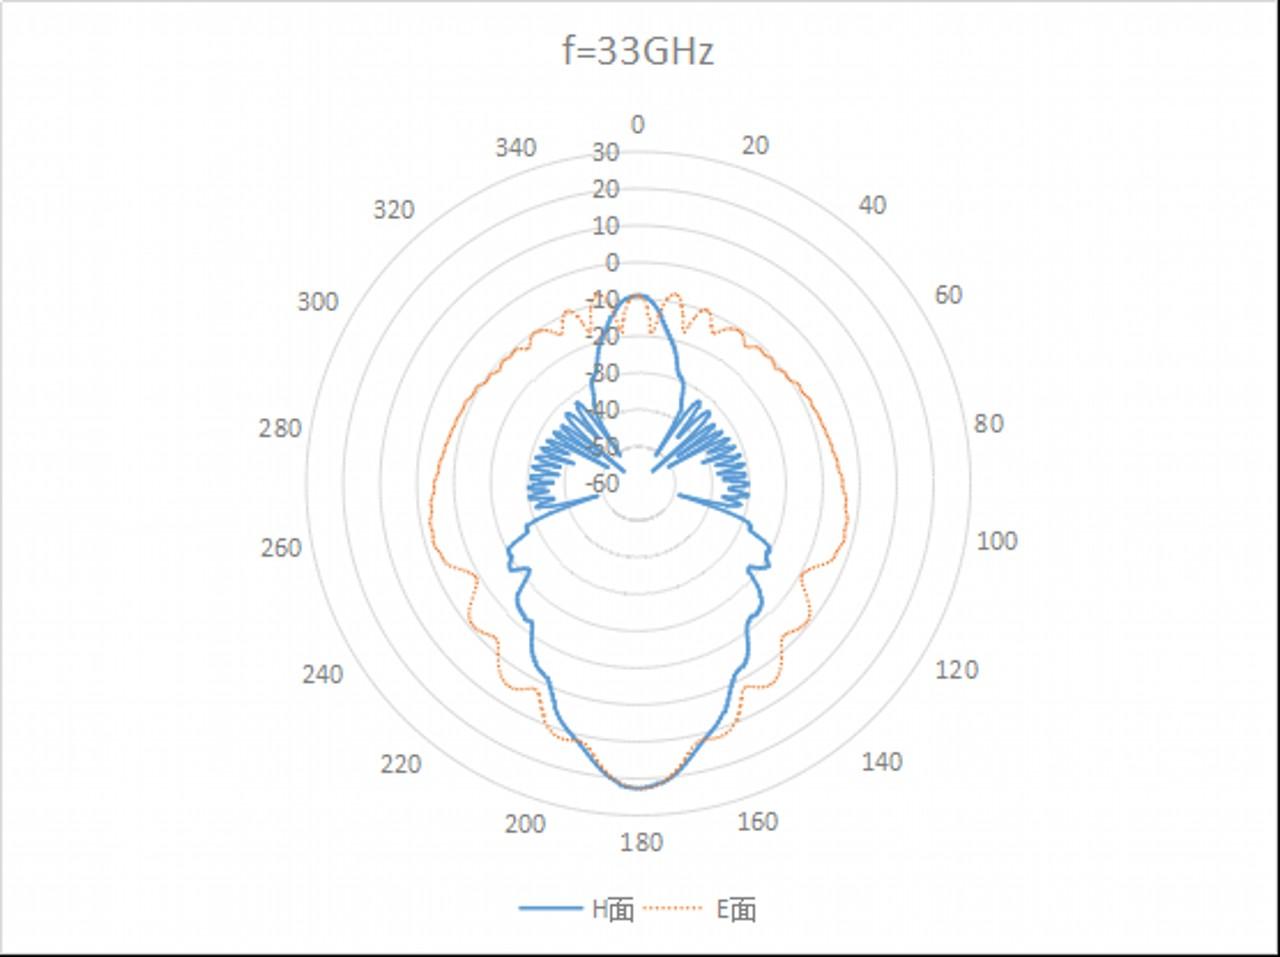 WR-34 Waveguide - 22GHz - 33GHz - Standard Gain Horn Antenna 3